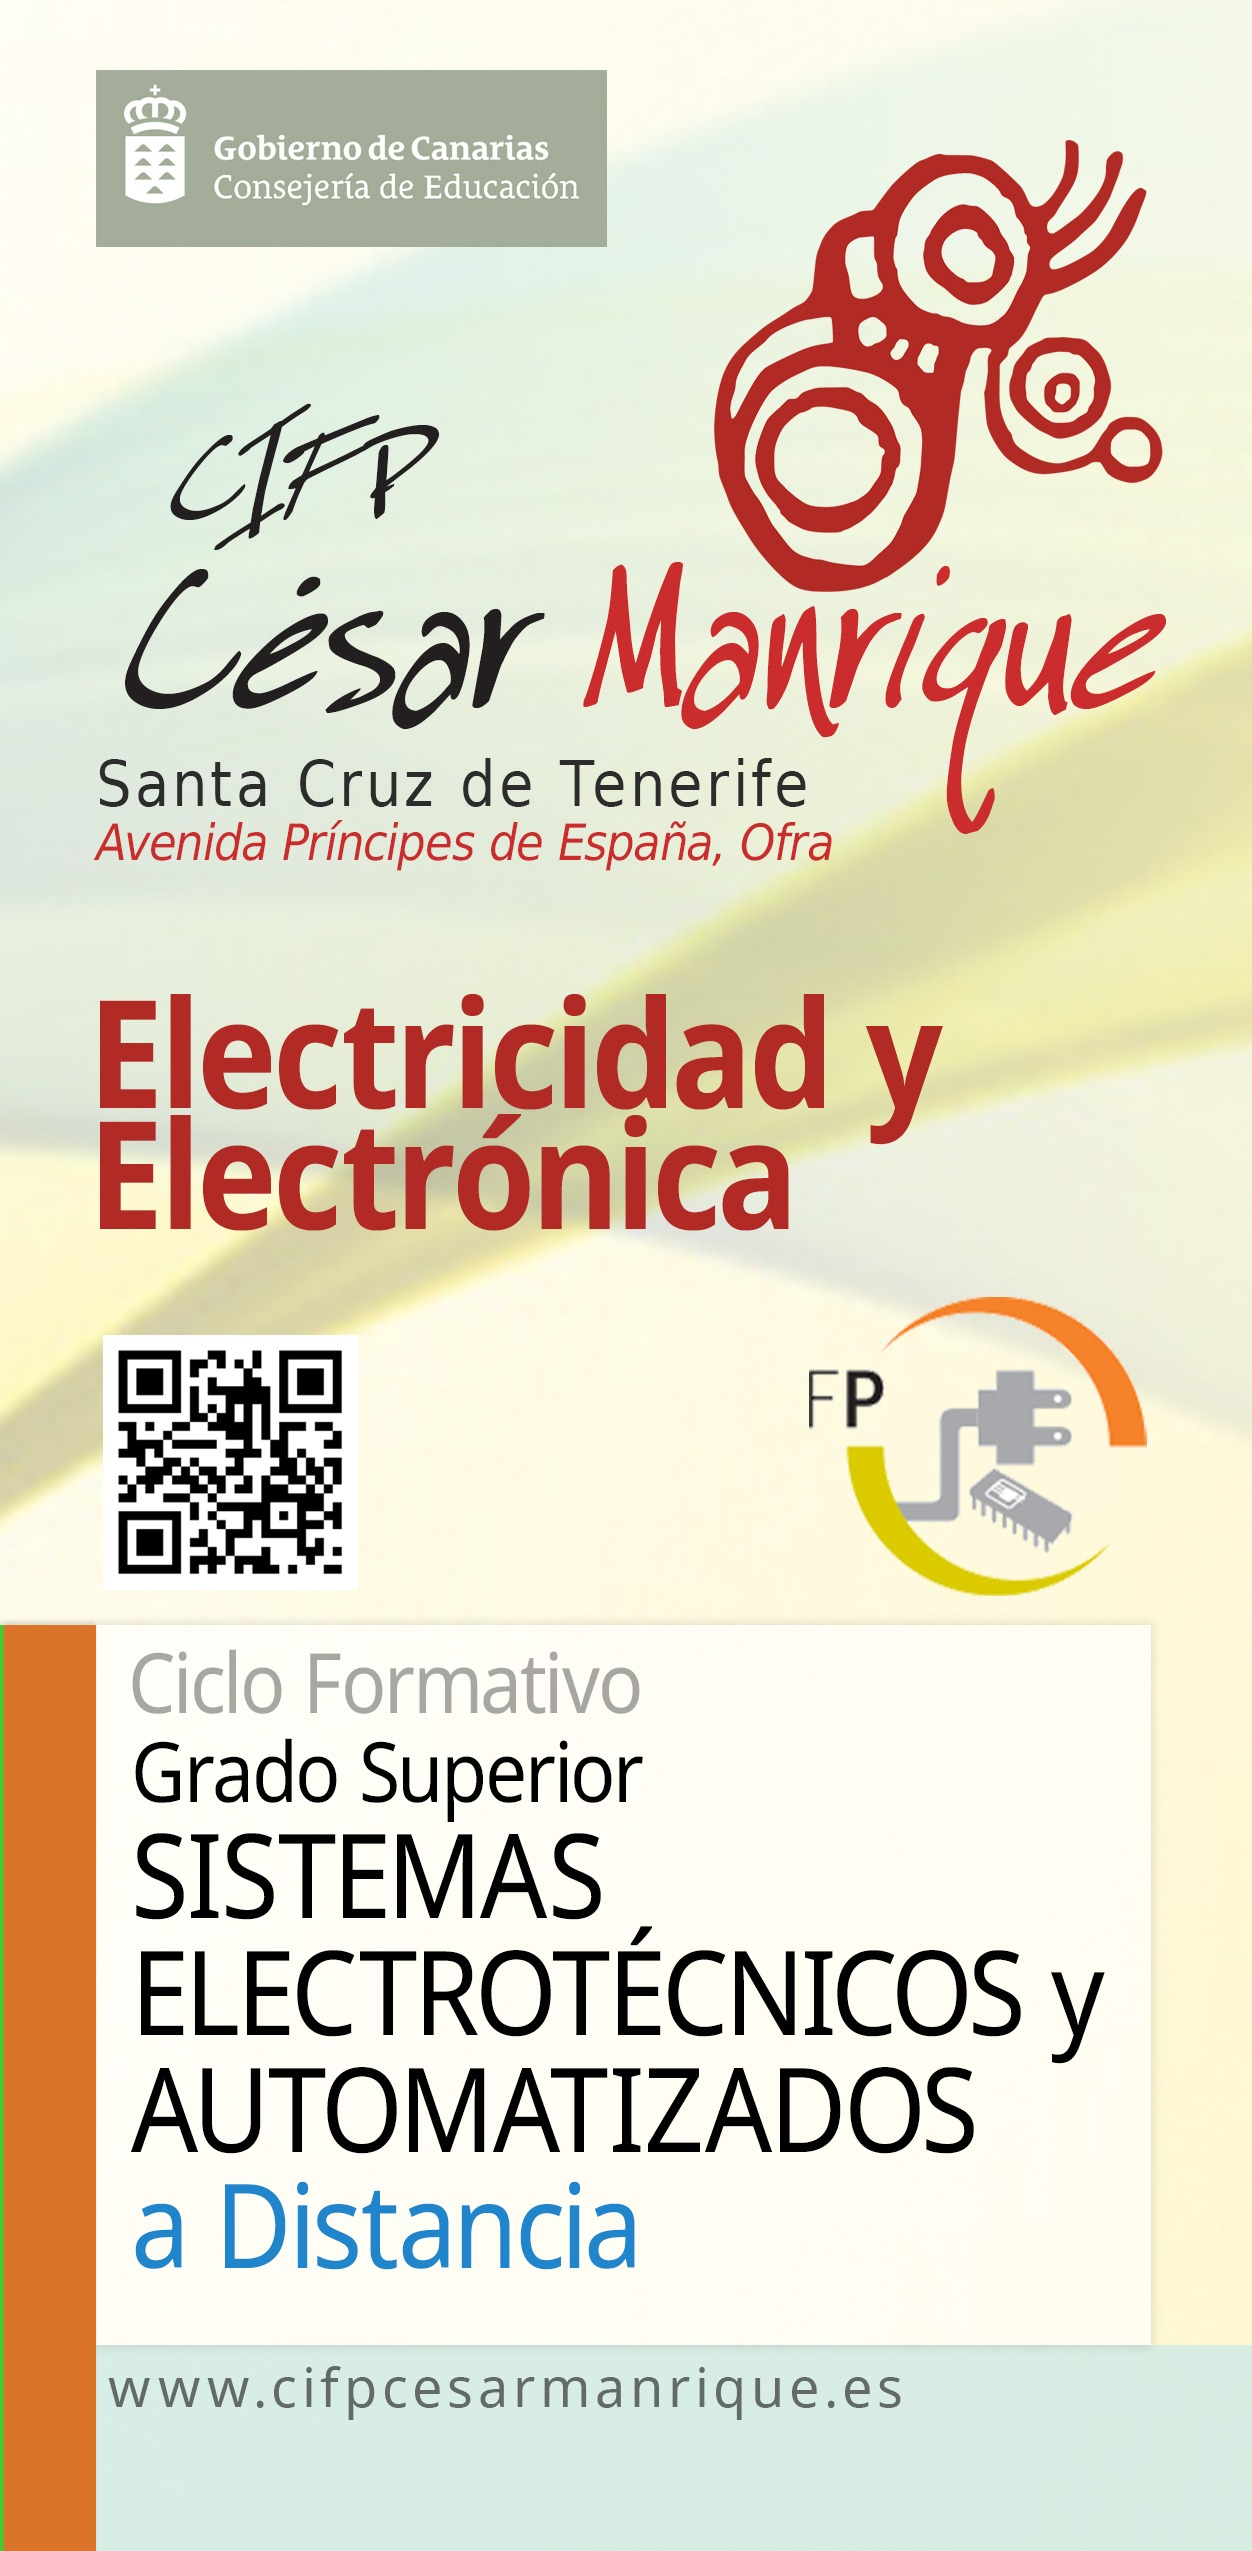 Grado Superior Sistemas Electrónicos y Automatizados Semipresencial